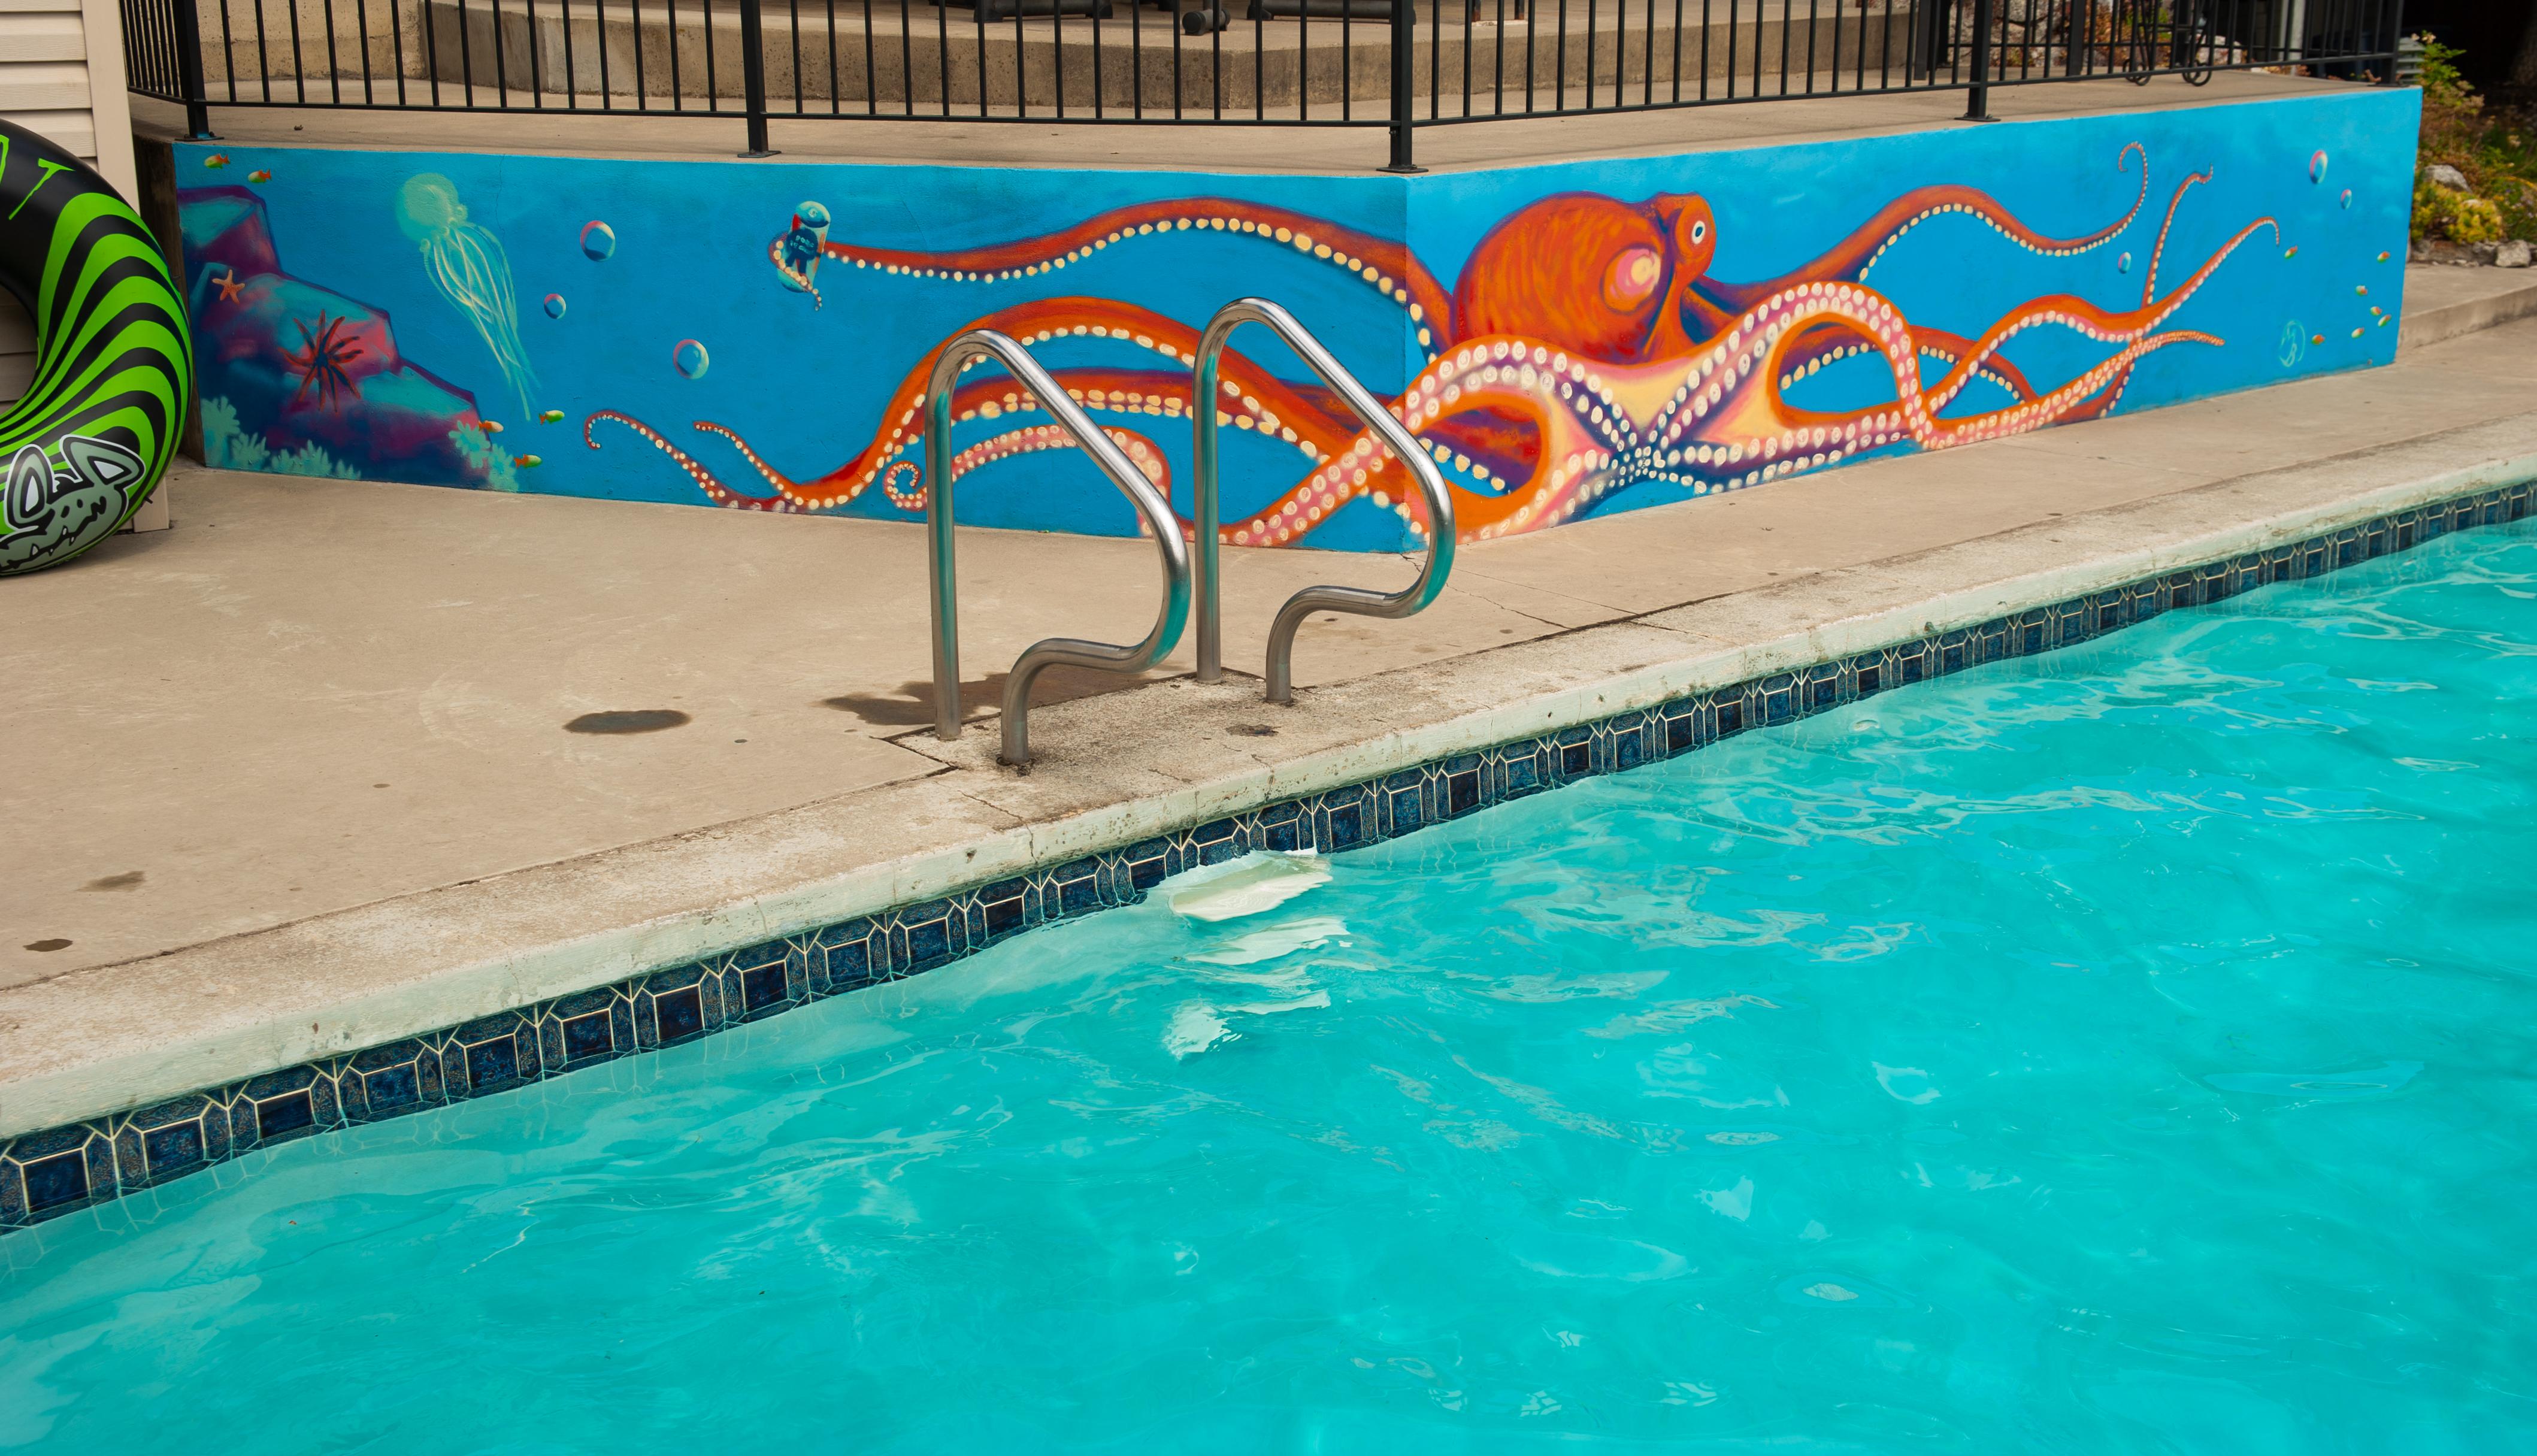 Mural-OctopusPool-2020-20